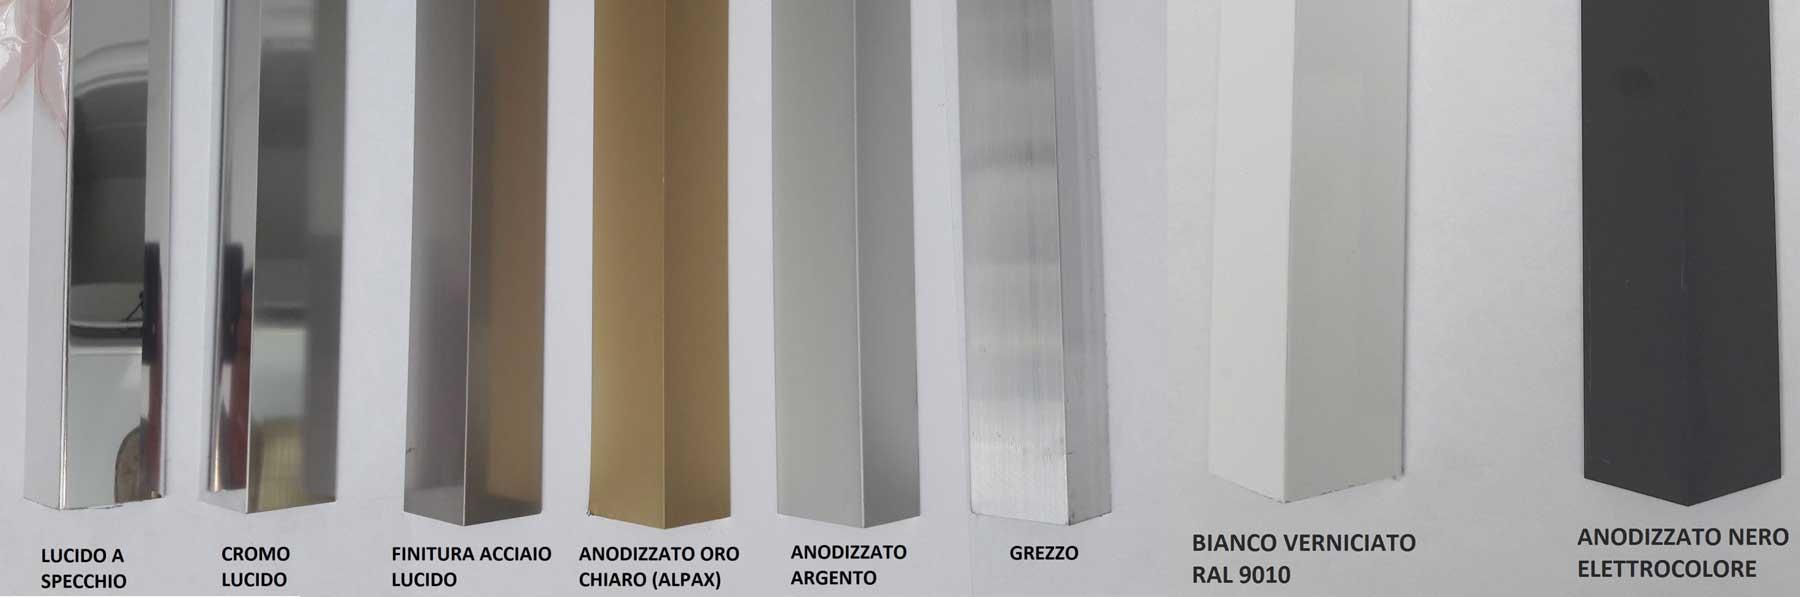 Profili Commerciali Alluminio Anodizzato Al Go Alluminio